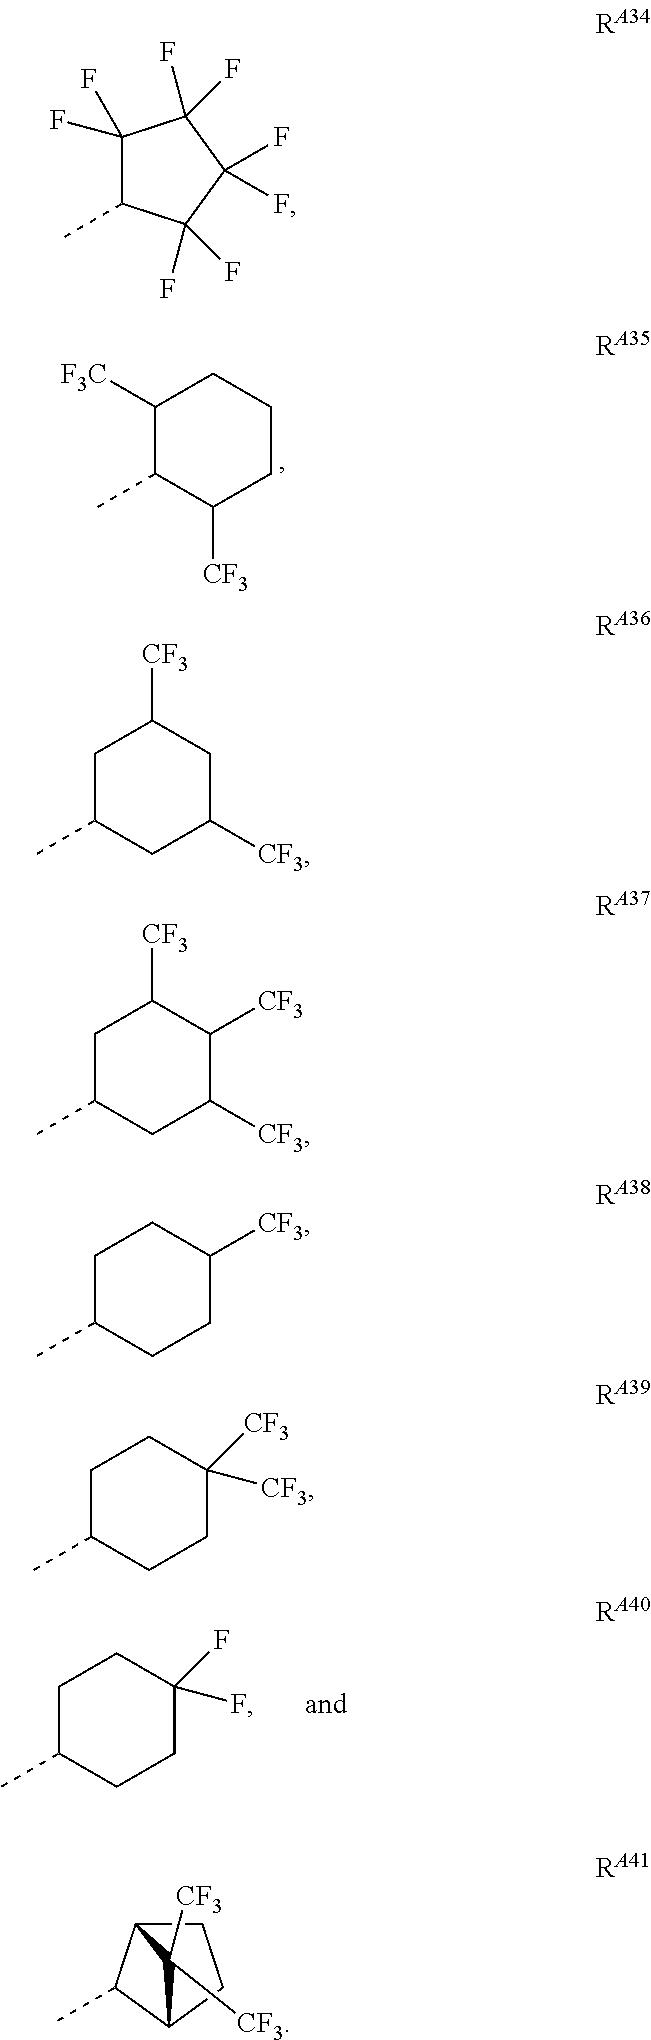 Figure US09859510-20180102-C00012